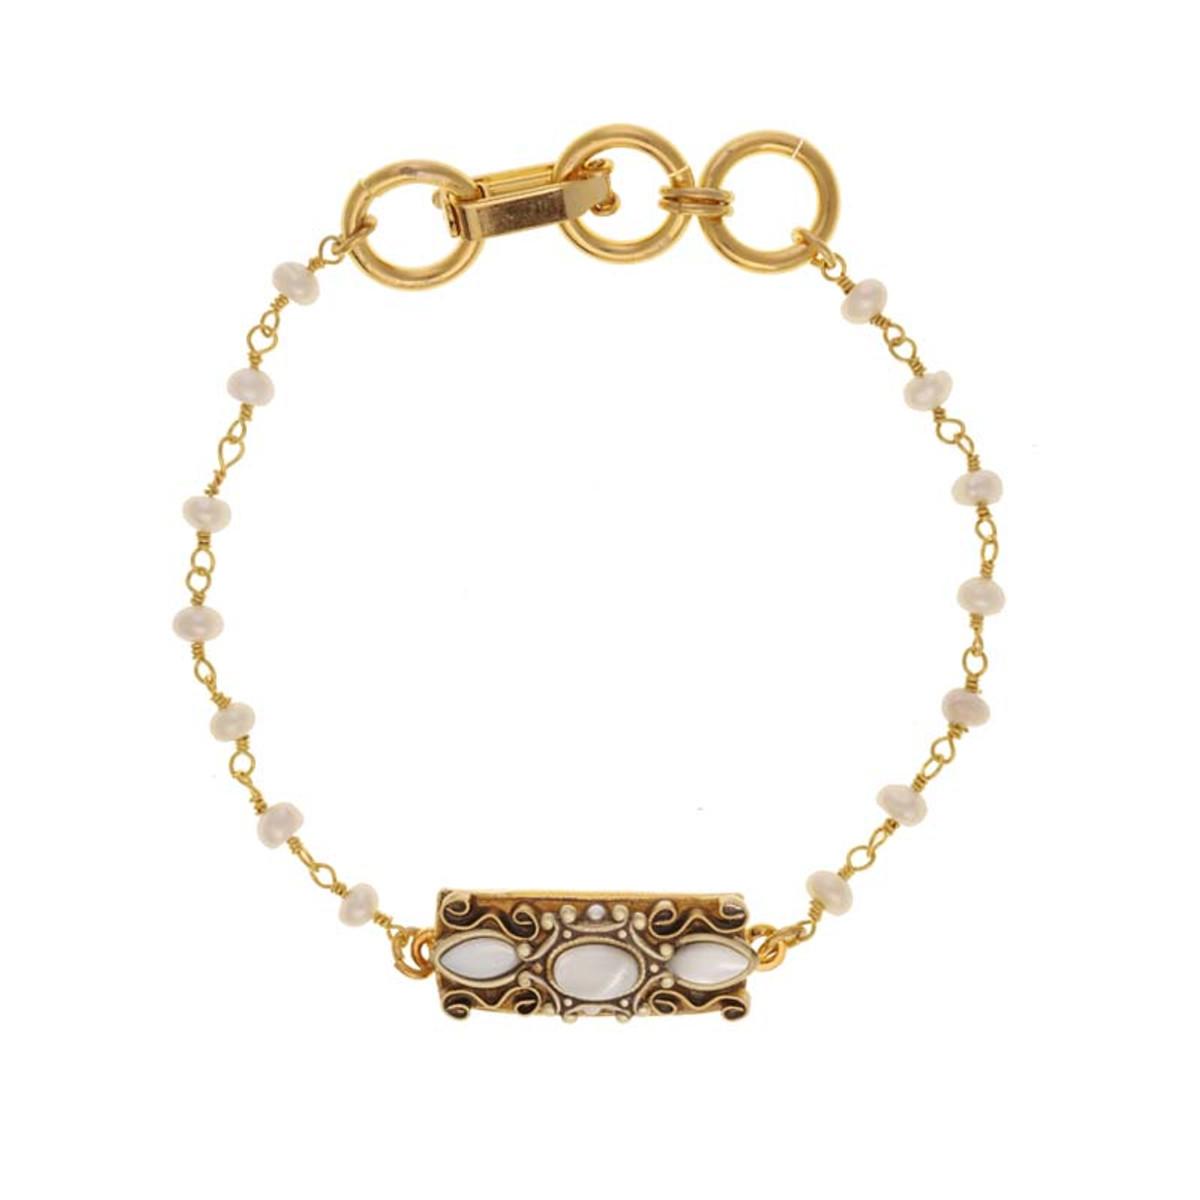 White Elegante bracelet by Michal Golan Jewelry